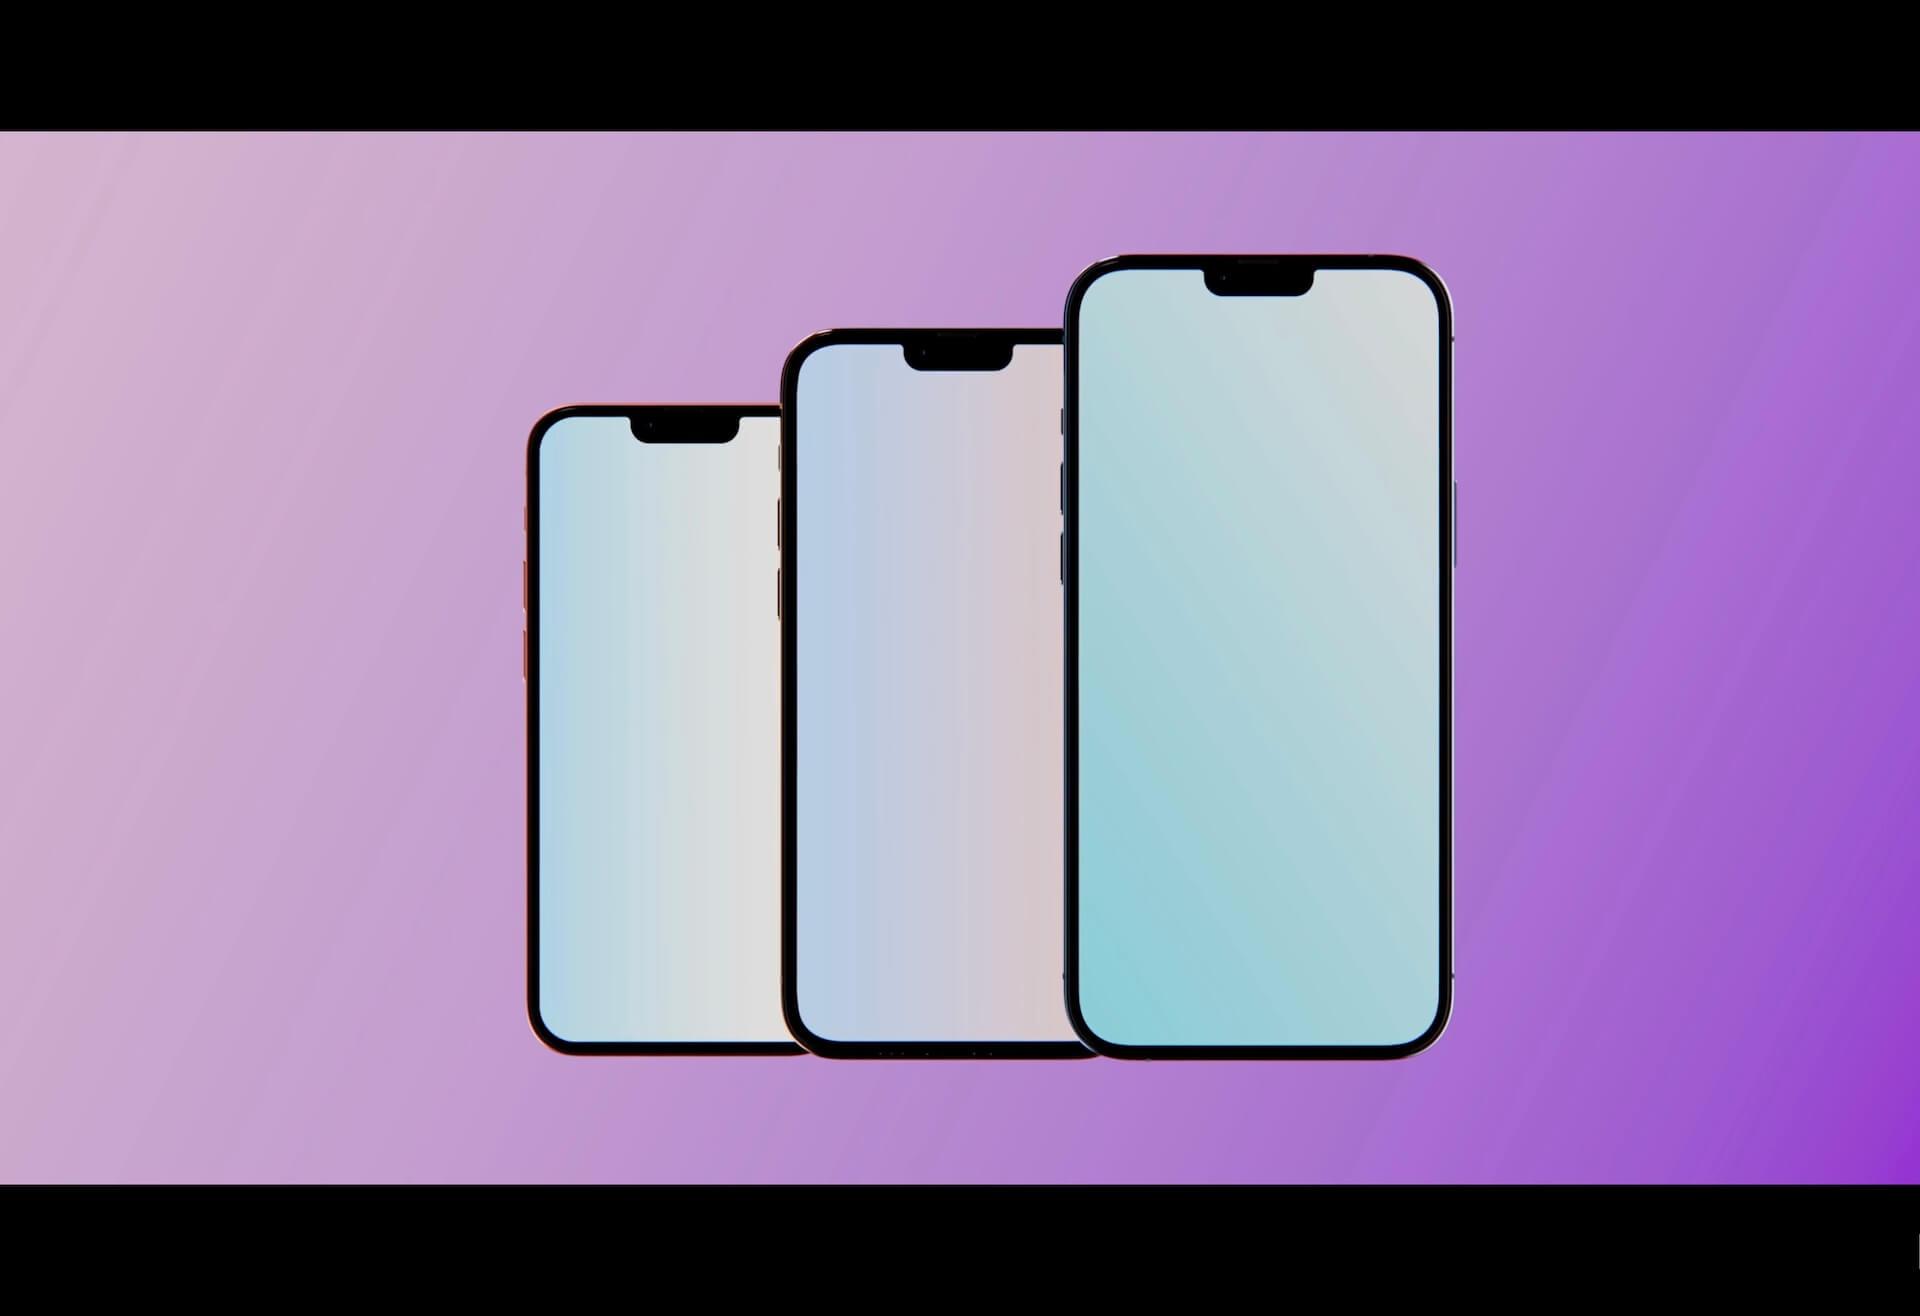 Samsung、LGがiPhone 13シリーズ向けのLTPO採用ディスプレイを製造開始?120Hzのリフレッシュレートが実現か tech210531_iphone13_main